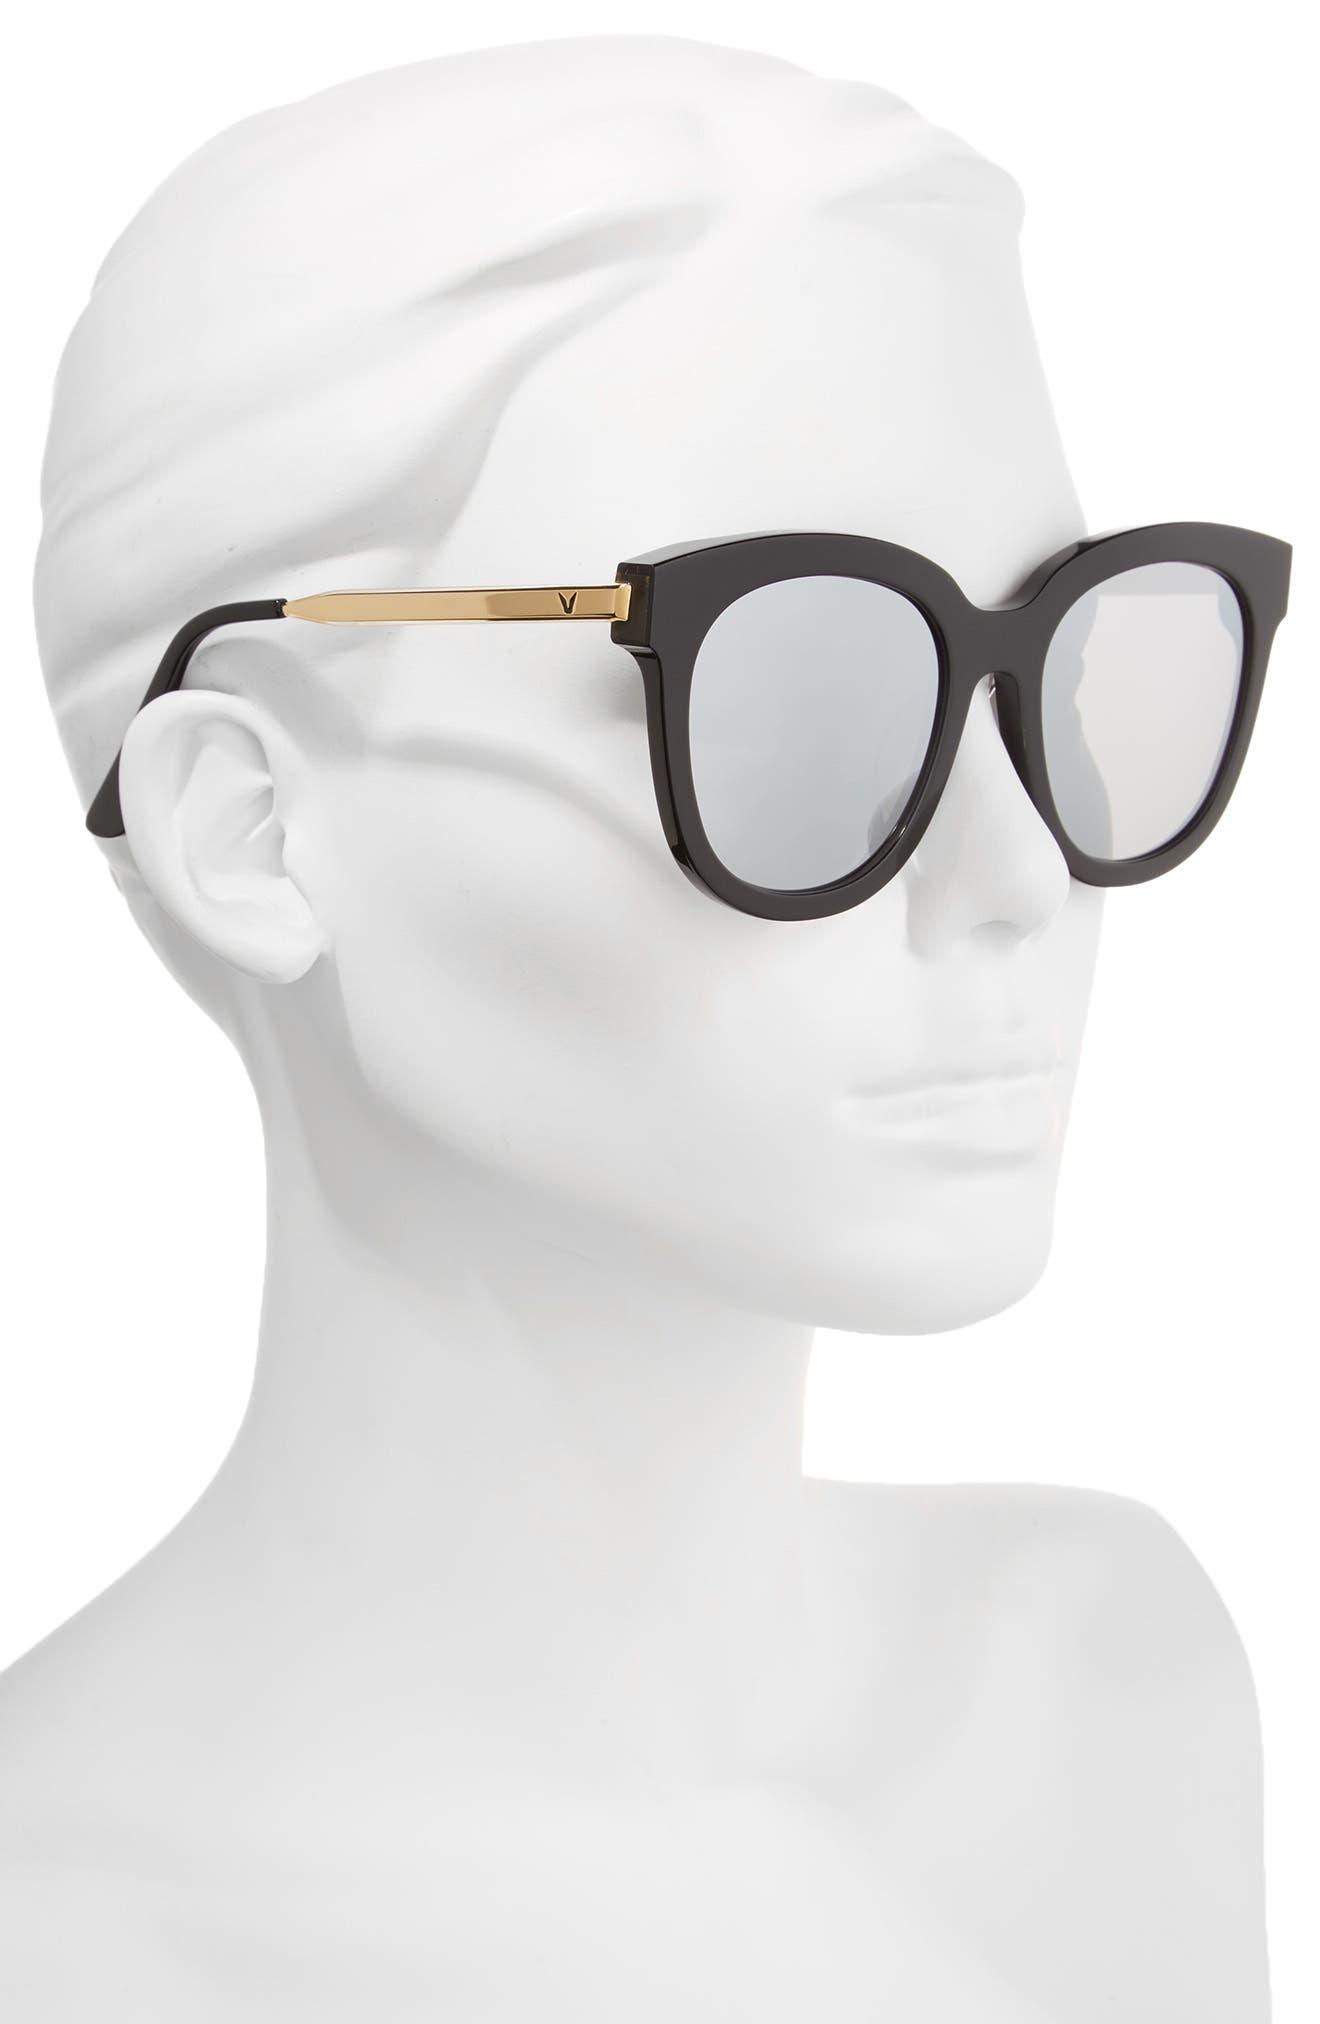 Cuba 503 55mm Zeiss Lens Sunglasses,                             Alternate thumbnail 2, color,                             001